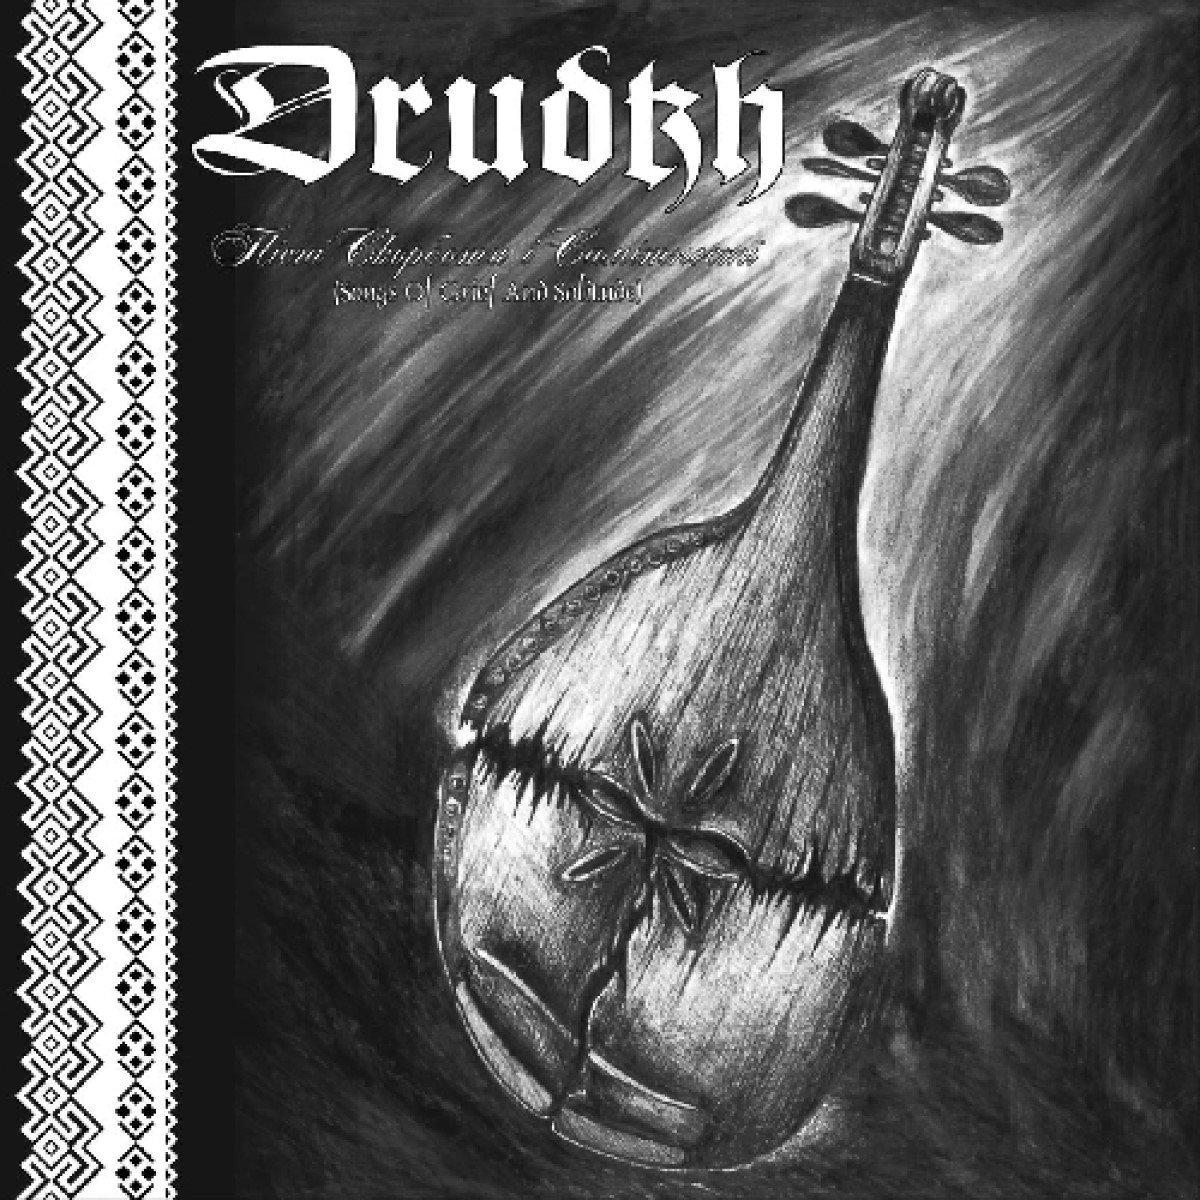 DRUDKH-SONGLP.jpg